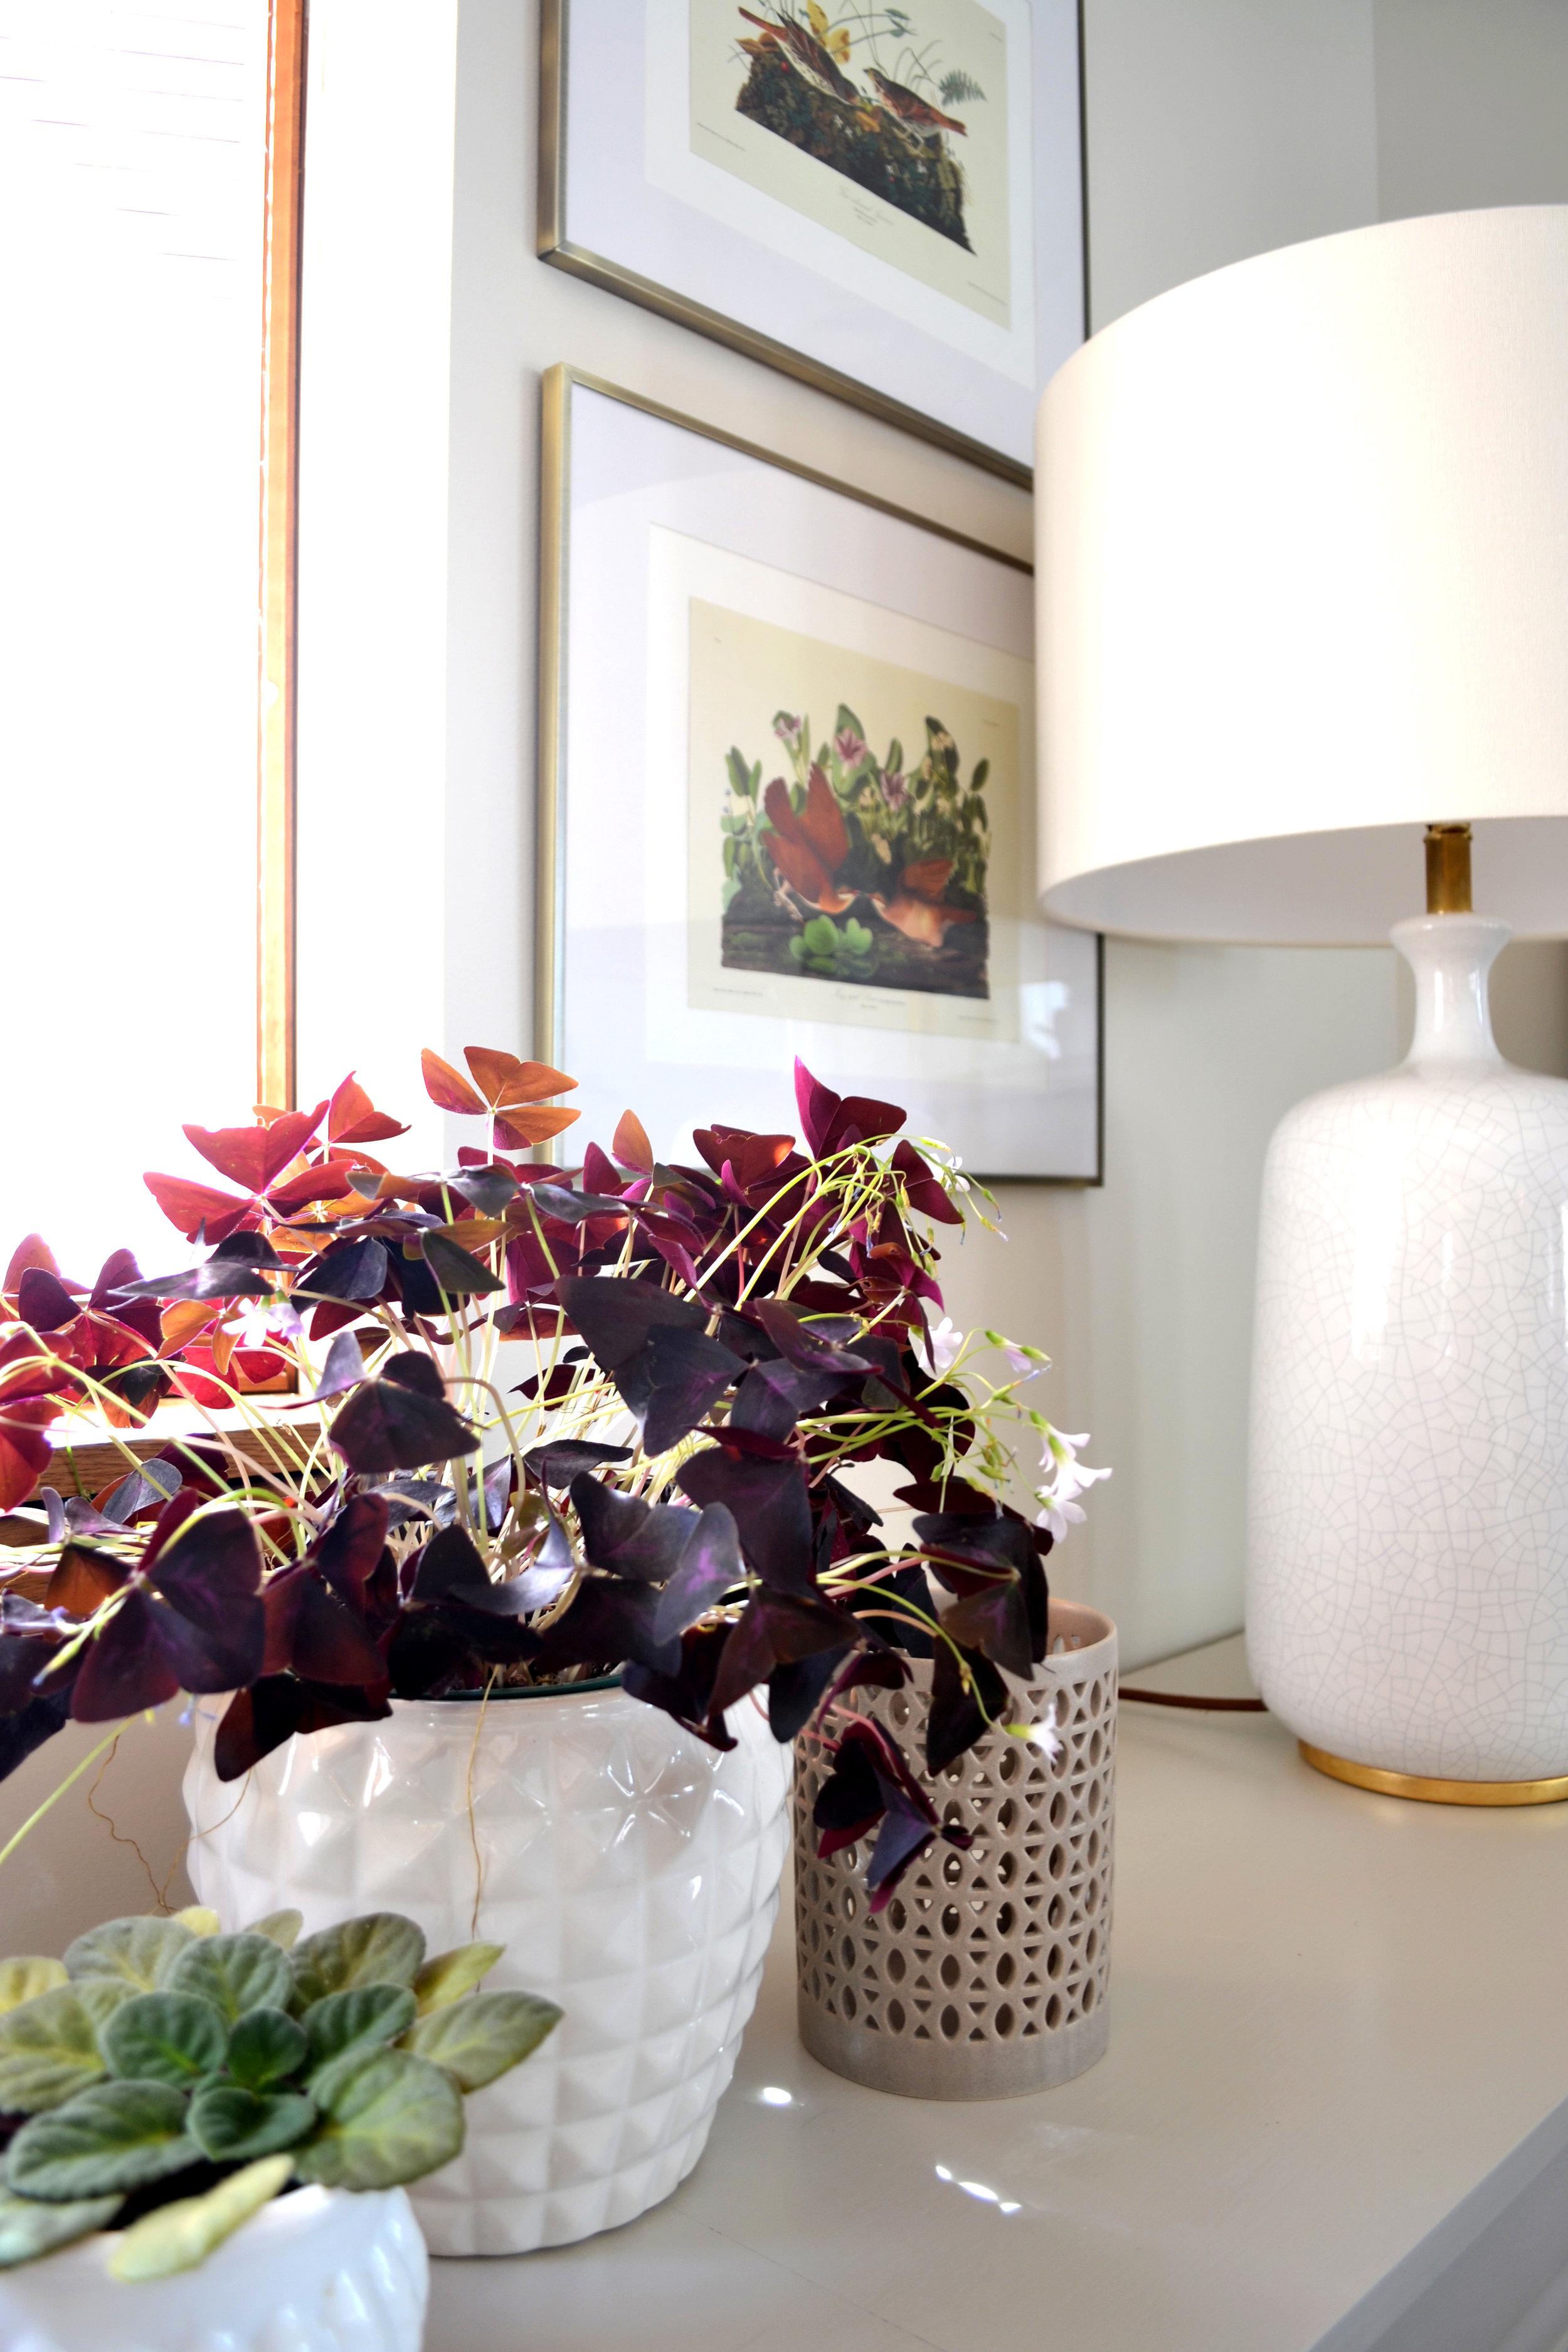 Lakeview Family Room - Rehabitat